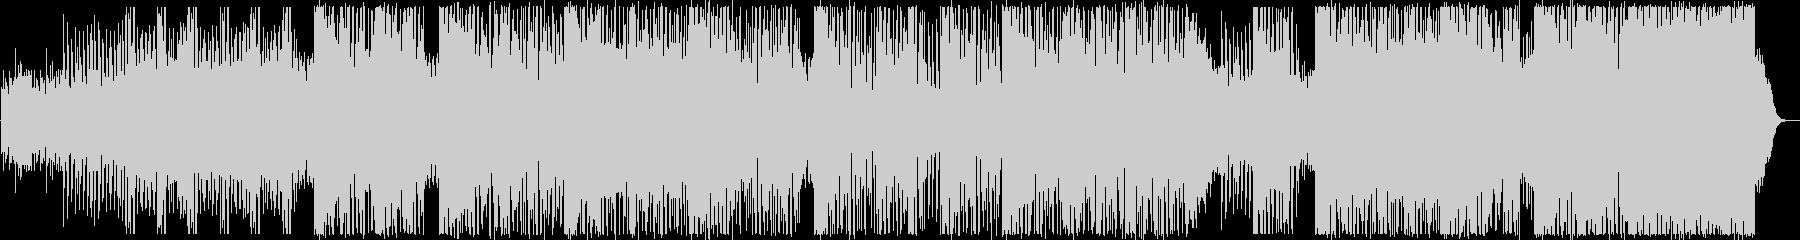 ダークでエッジの効いたシンセとサン...の未再生の波形